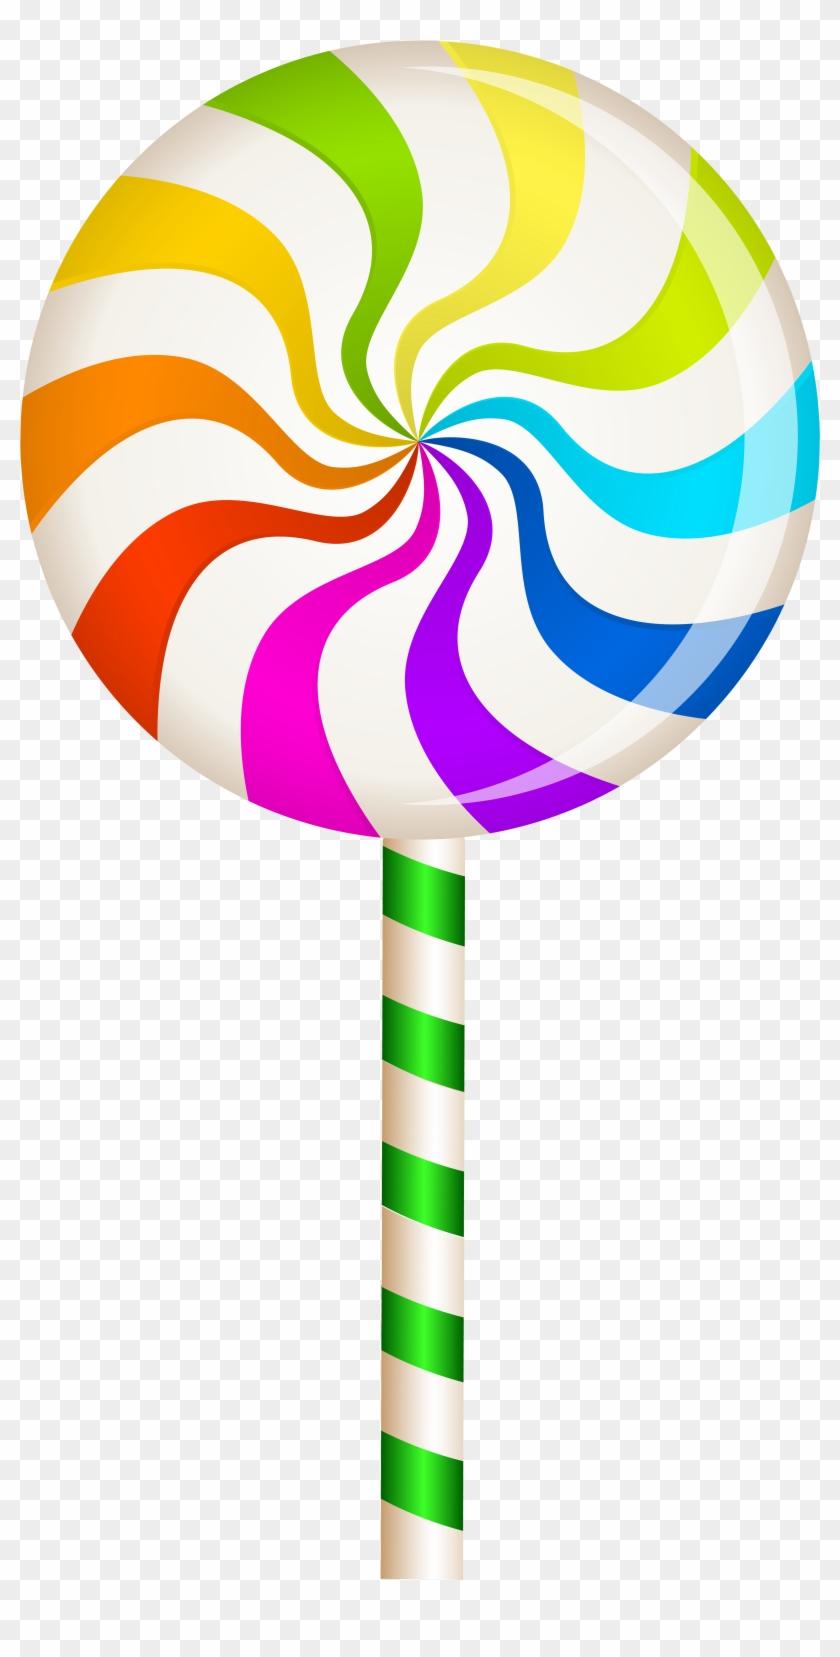 Multicolor Swirl Lollipop Png Clip Art Image - Lollipop Clipart #9568